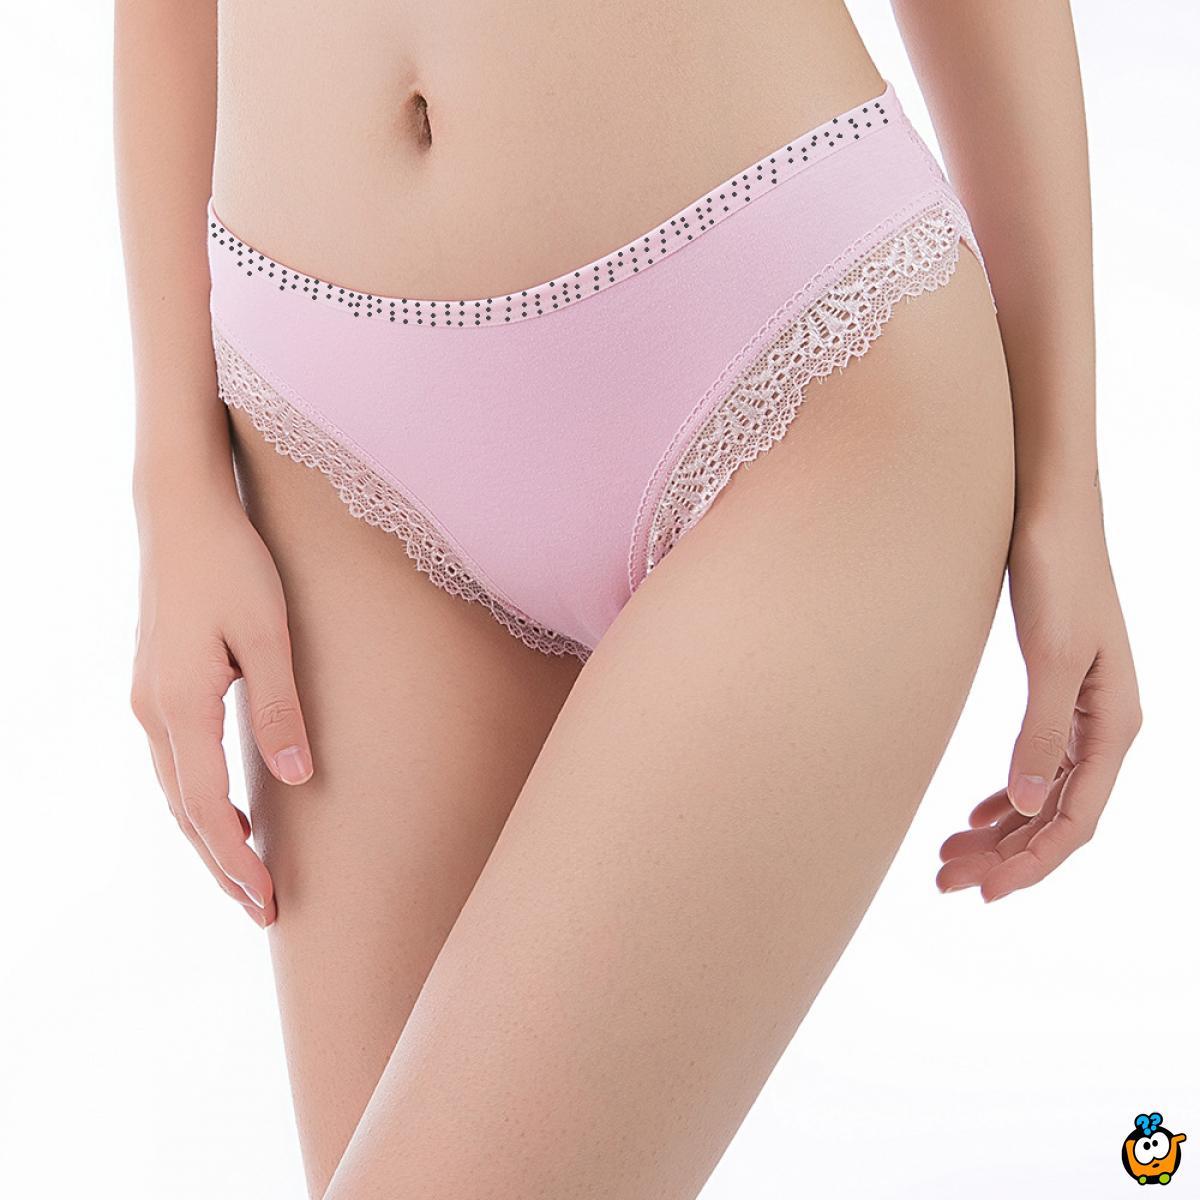 Classic Lace - Plus size ženske gaćice sa čipkom i tačkicama